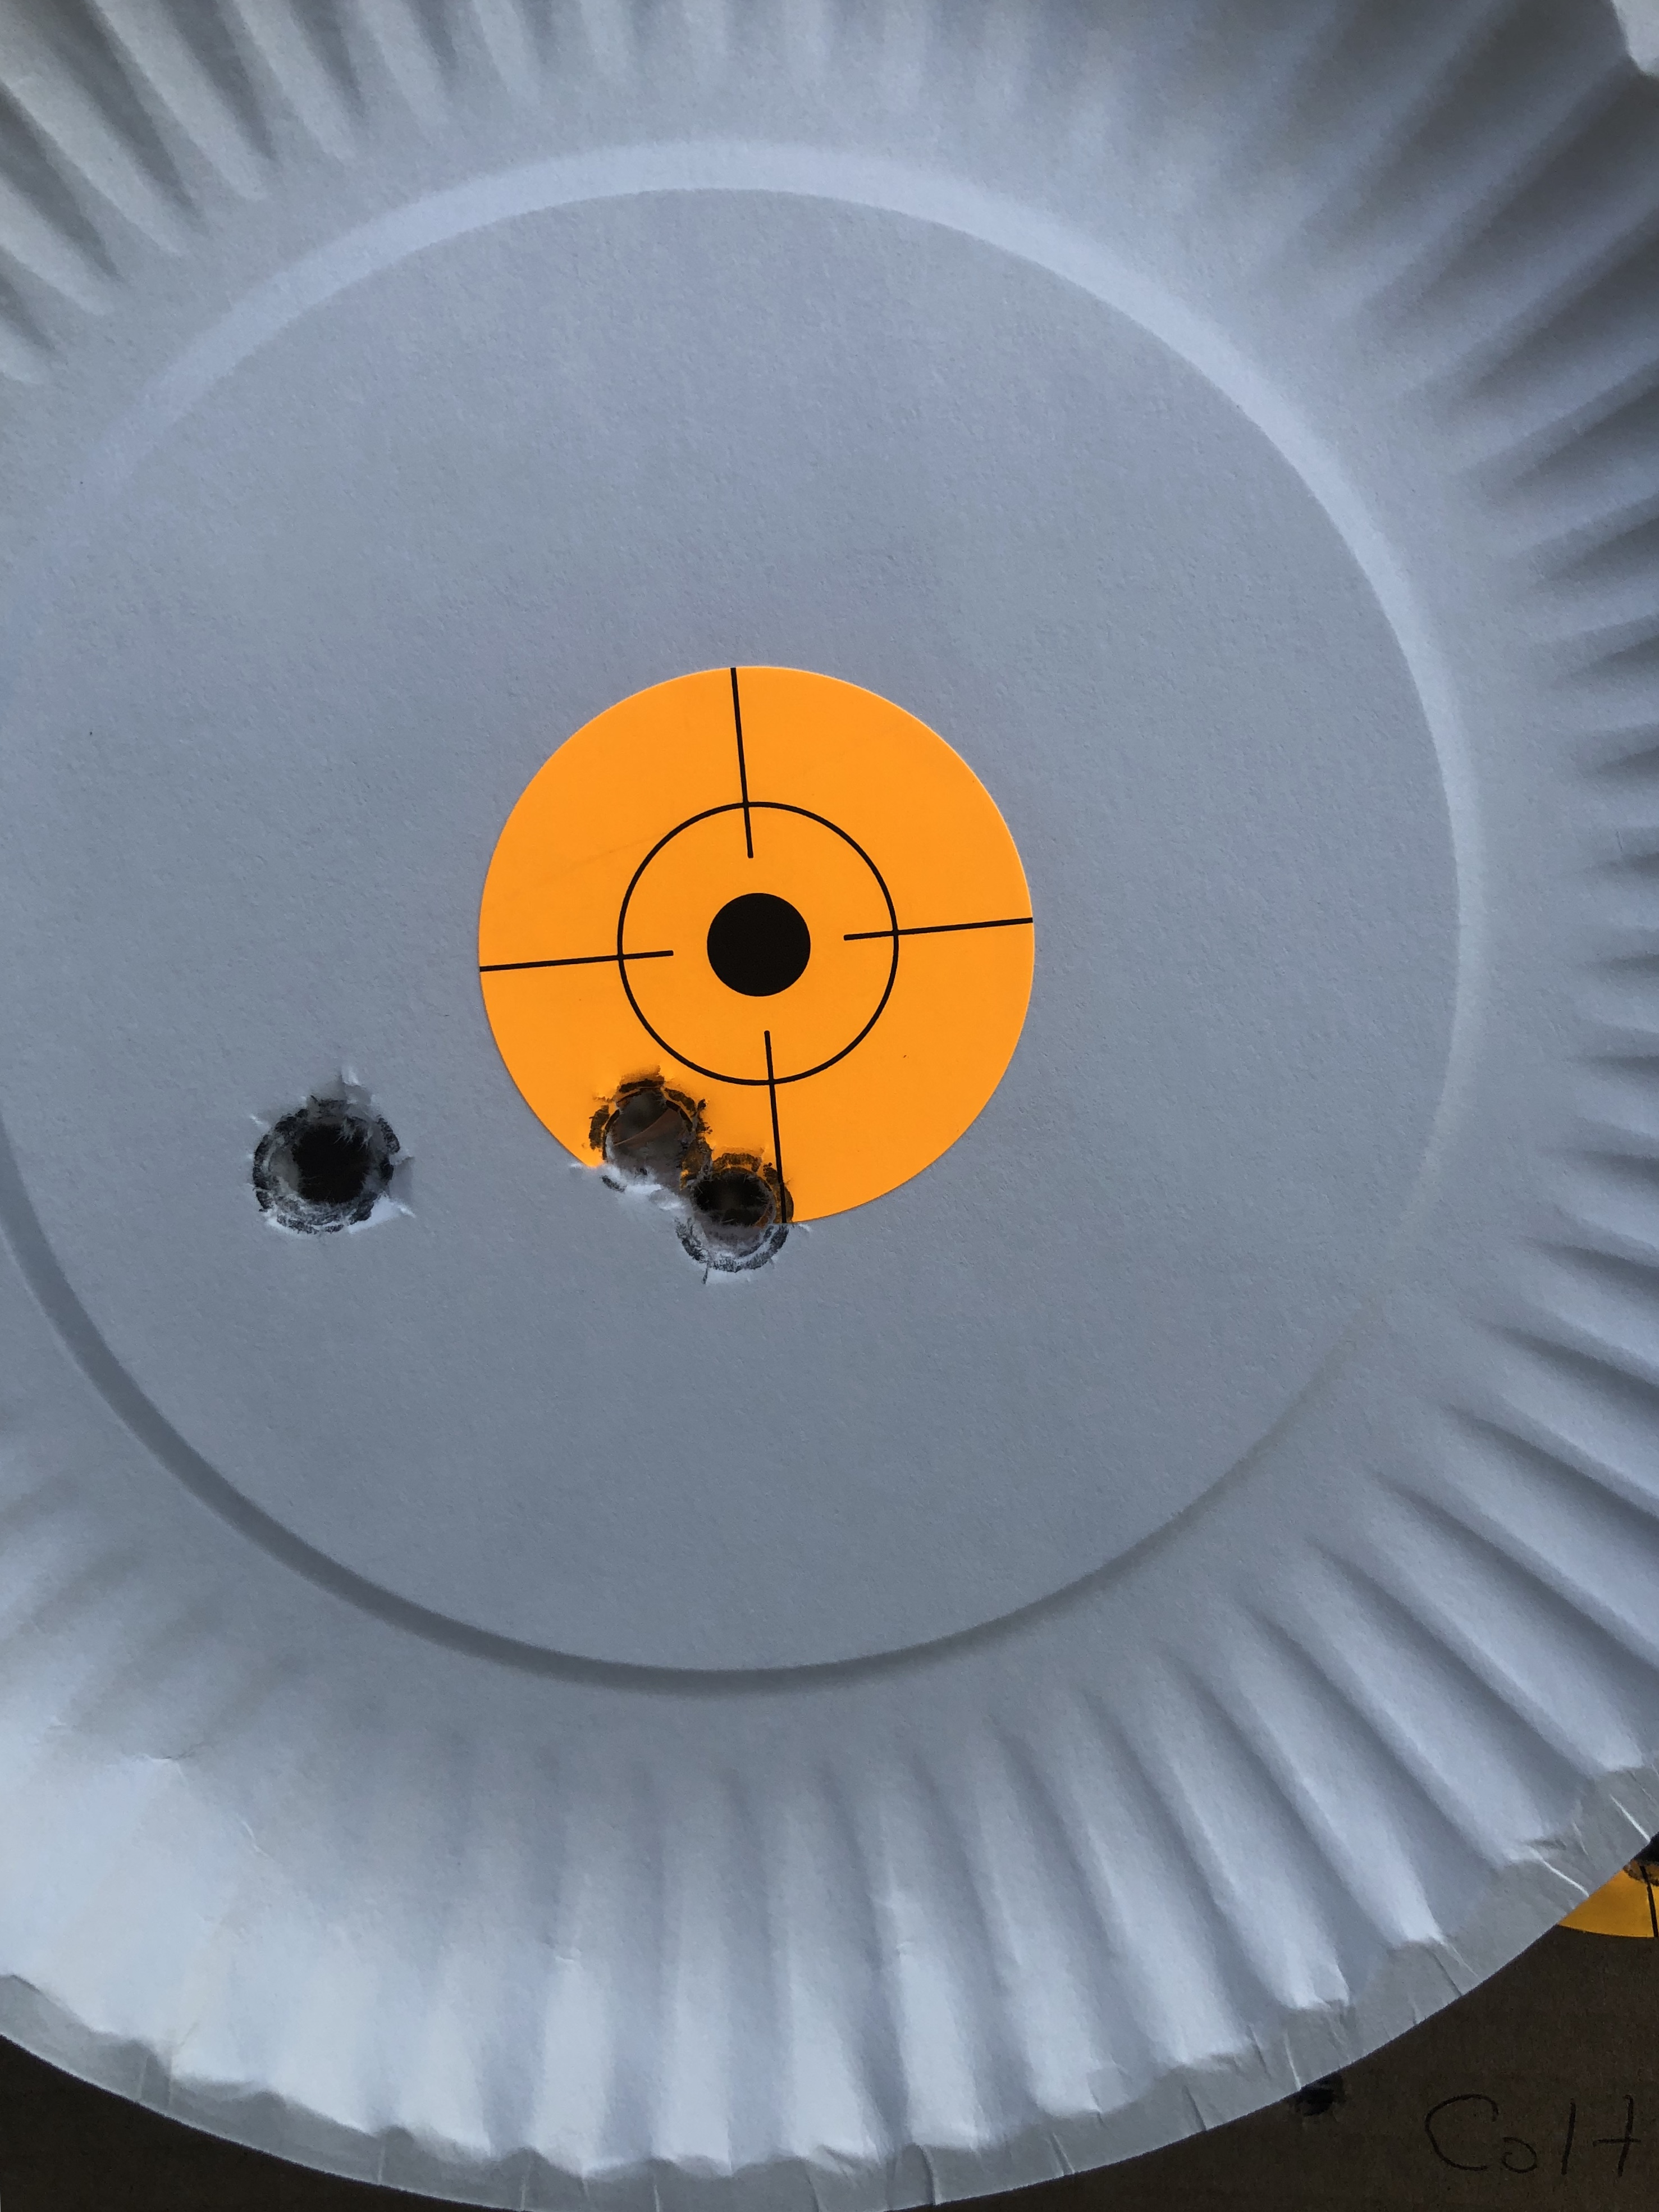 Colt LW Commander vs Springfield Defender Gov Model-d7d56b87-a006-4d84-9992-4f7a507a0674.jpeg